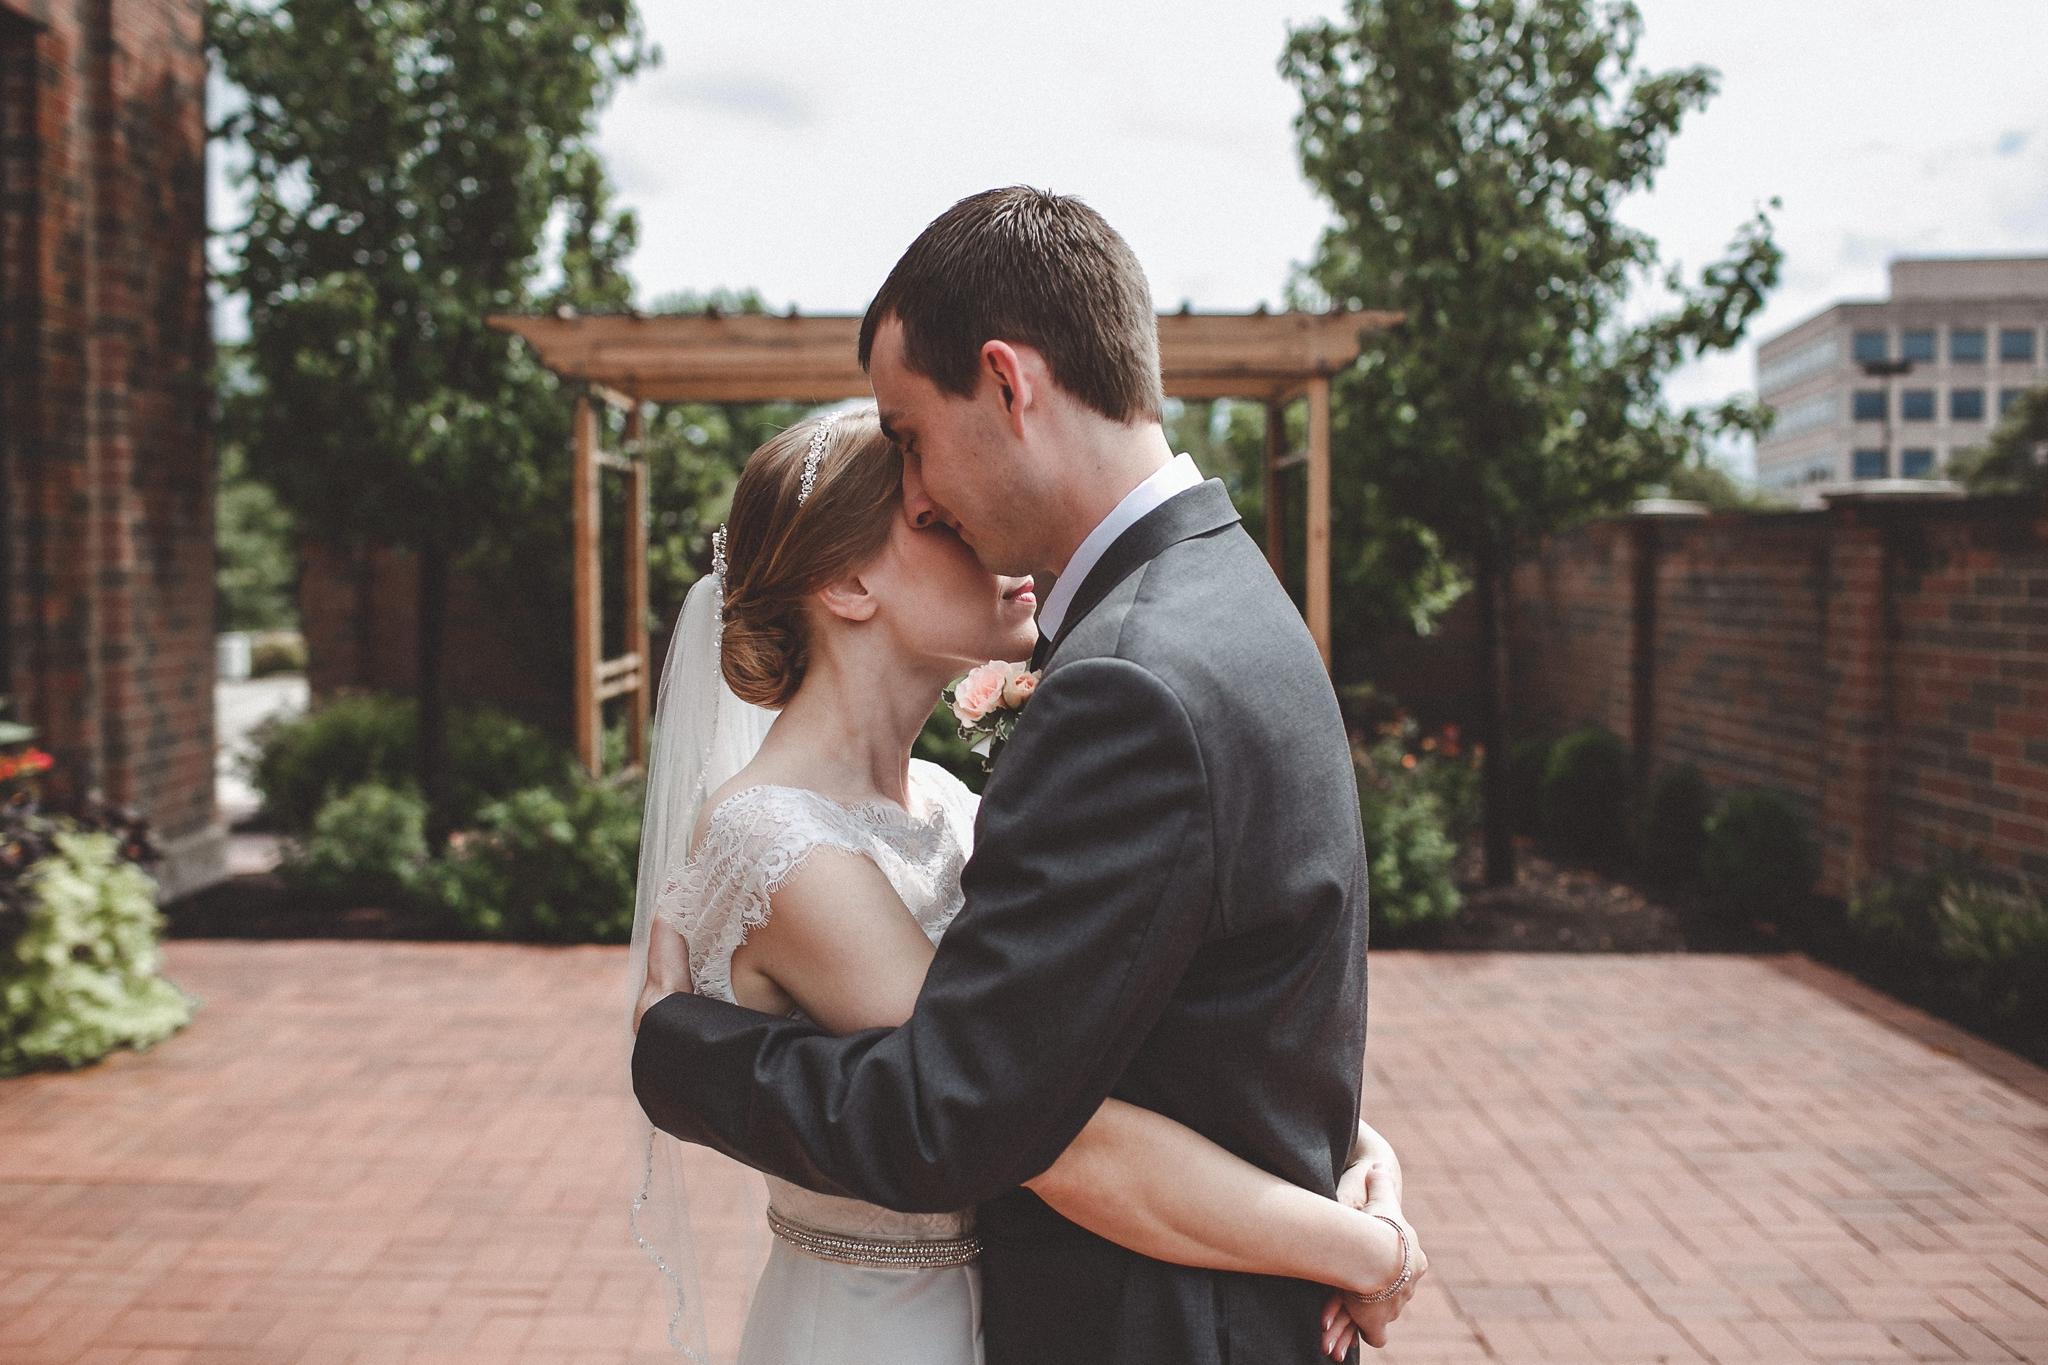 noahs_event_venue_naperville_IL_wedding_photographer_0025.jpg